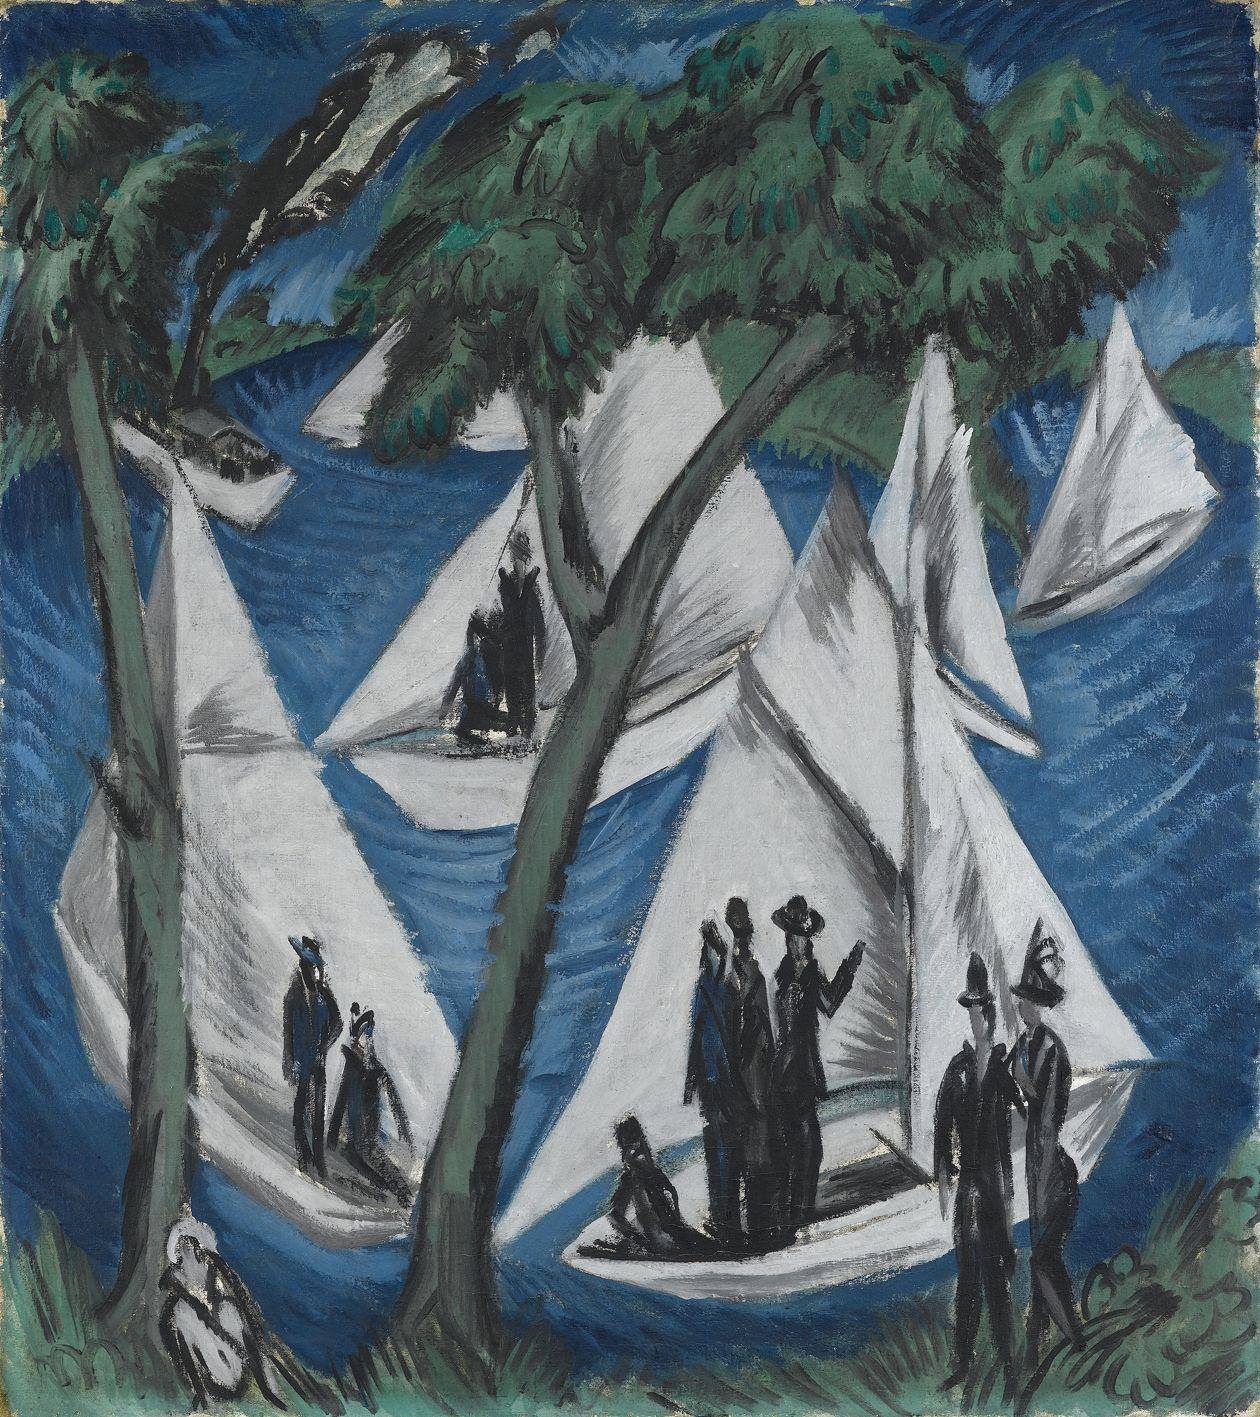 Ernst Ludwig Kirchner - Segelboote bei Grünau, 1914